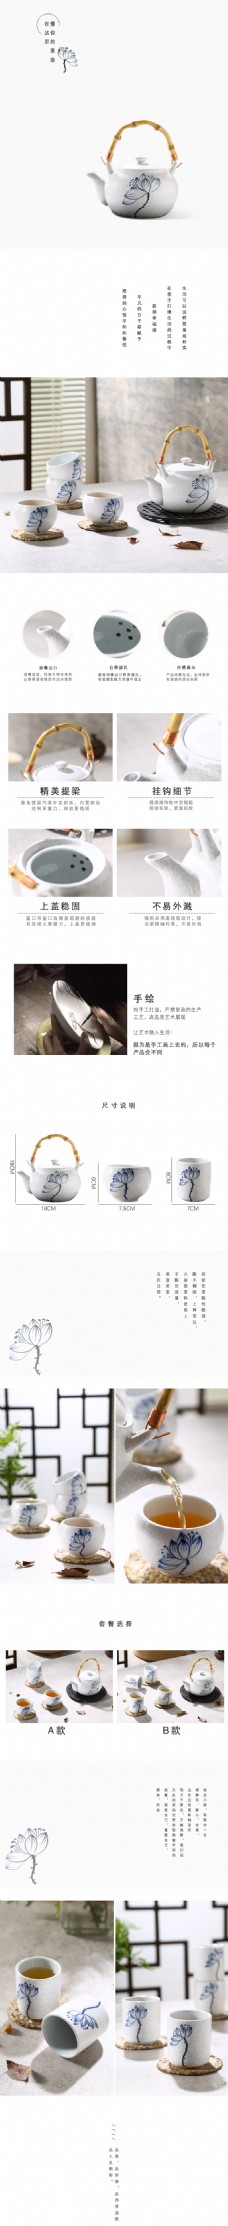 茶壶详情页家居淘宝电商